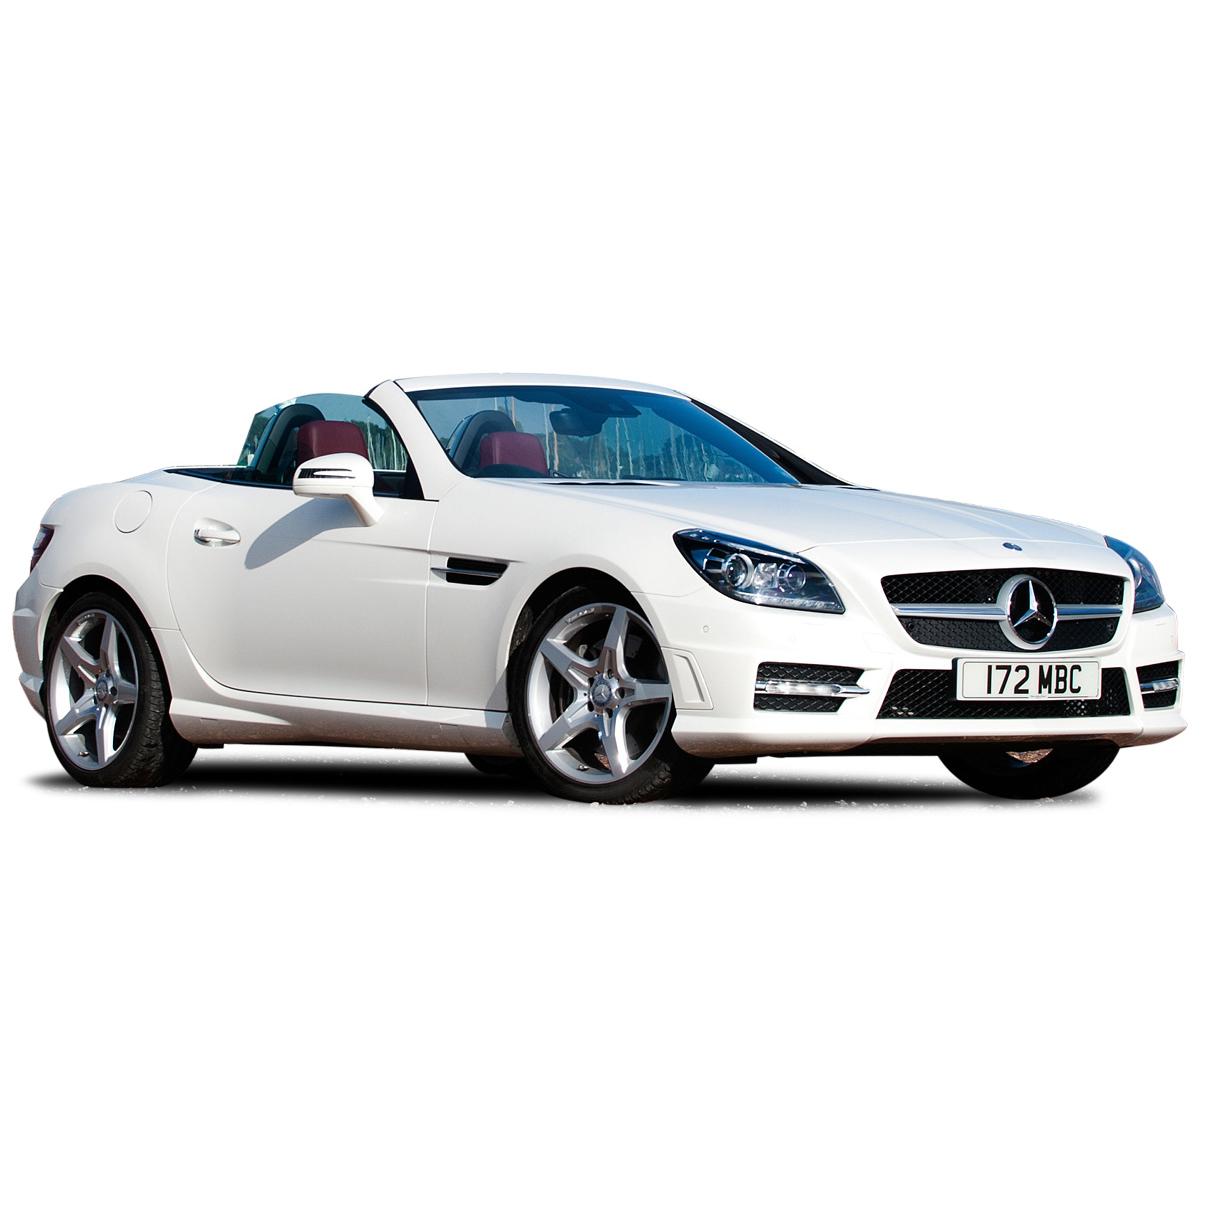 Mercedes SLK (R171) 2004 - 2011